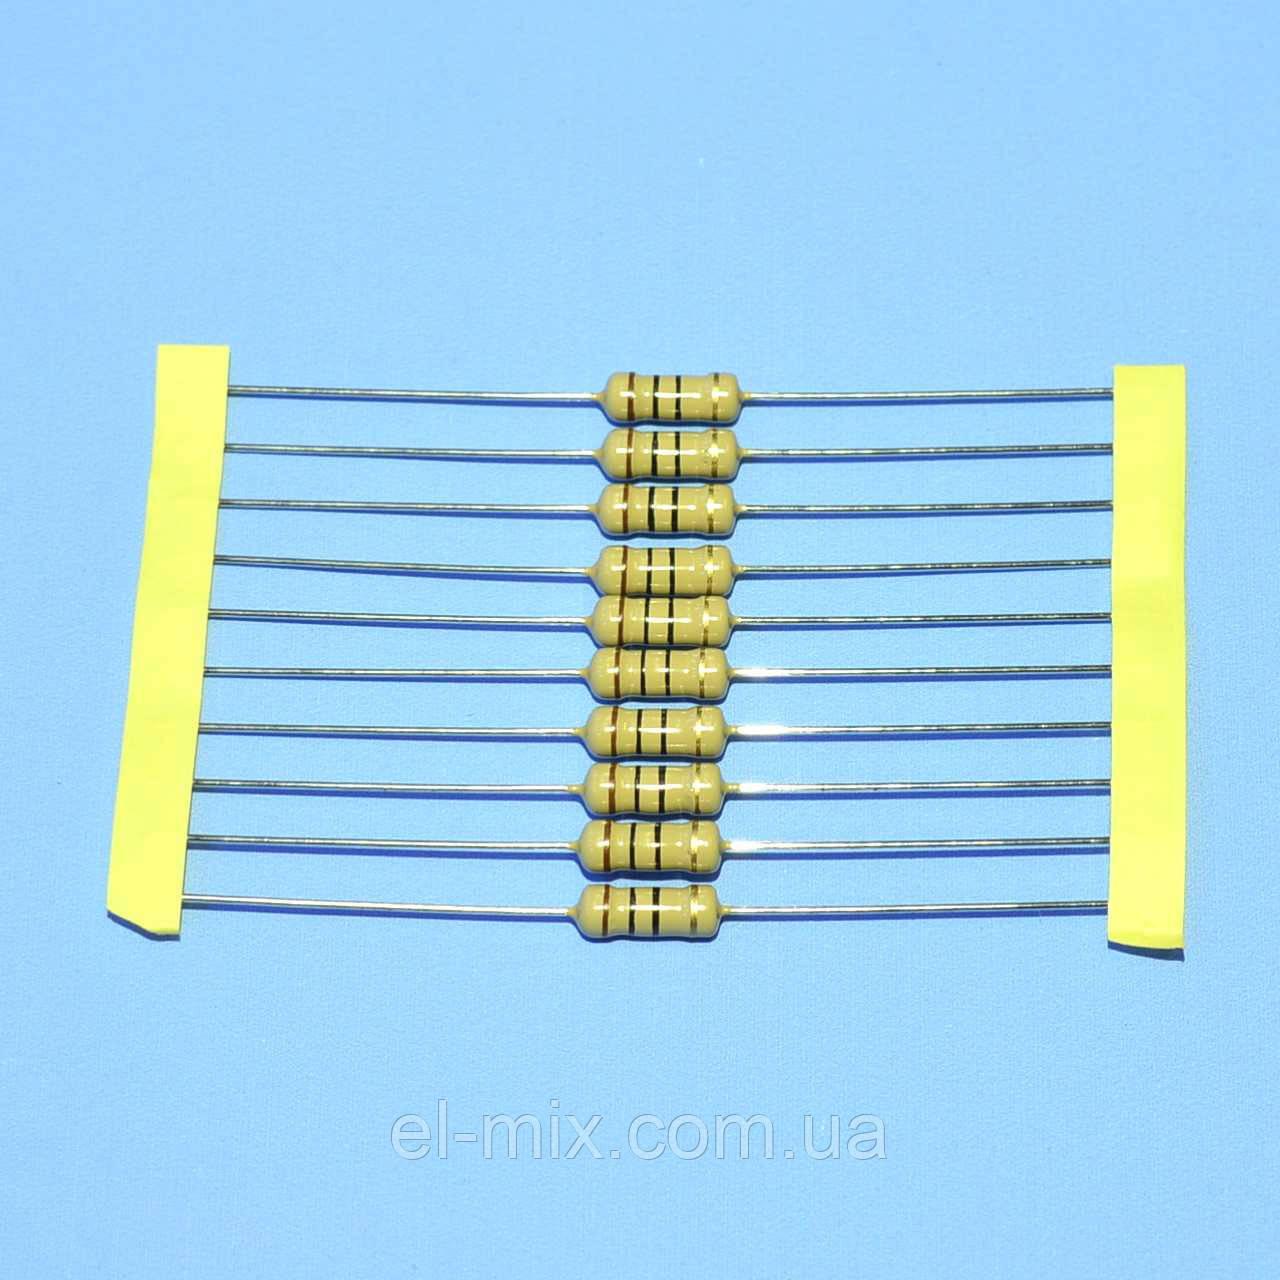 Резистор   2Вт  20 Om 5% CFR (5,5х16мм), лента  Royal Ohm